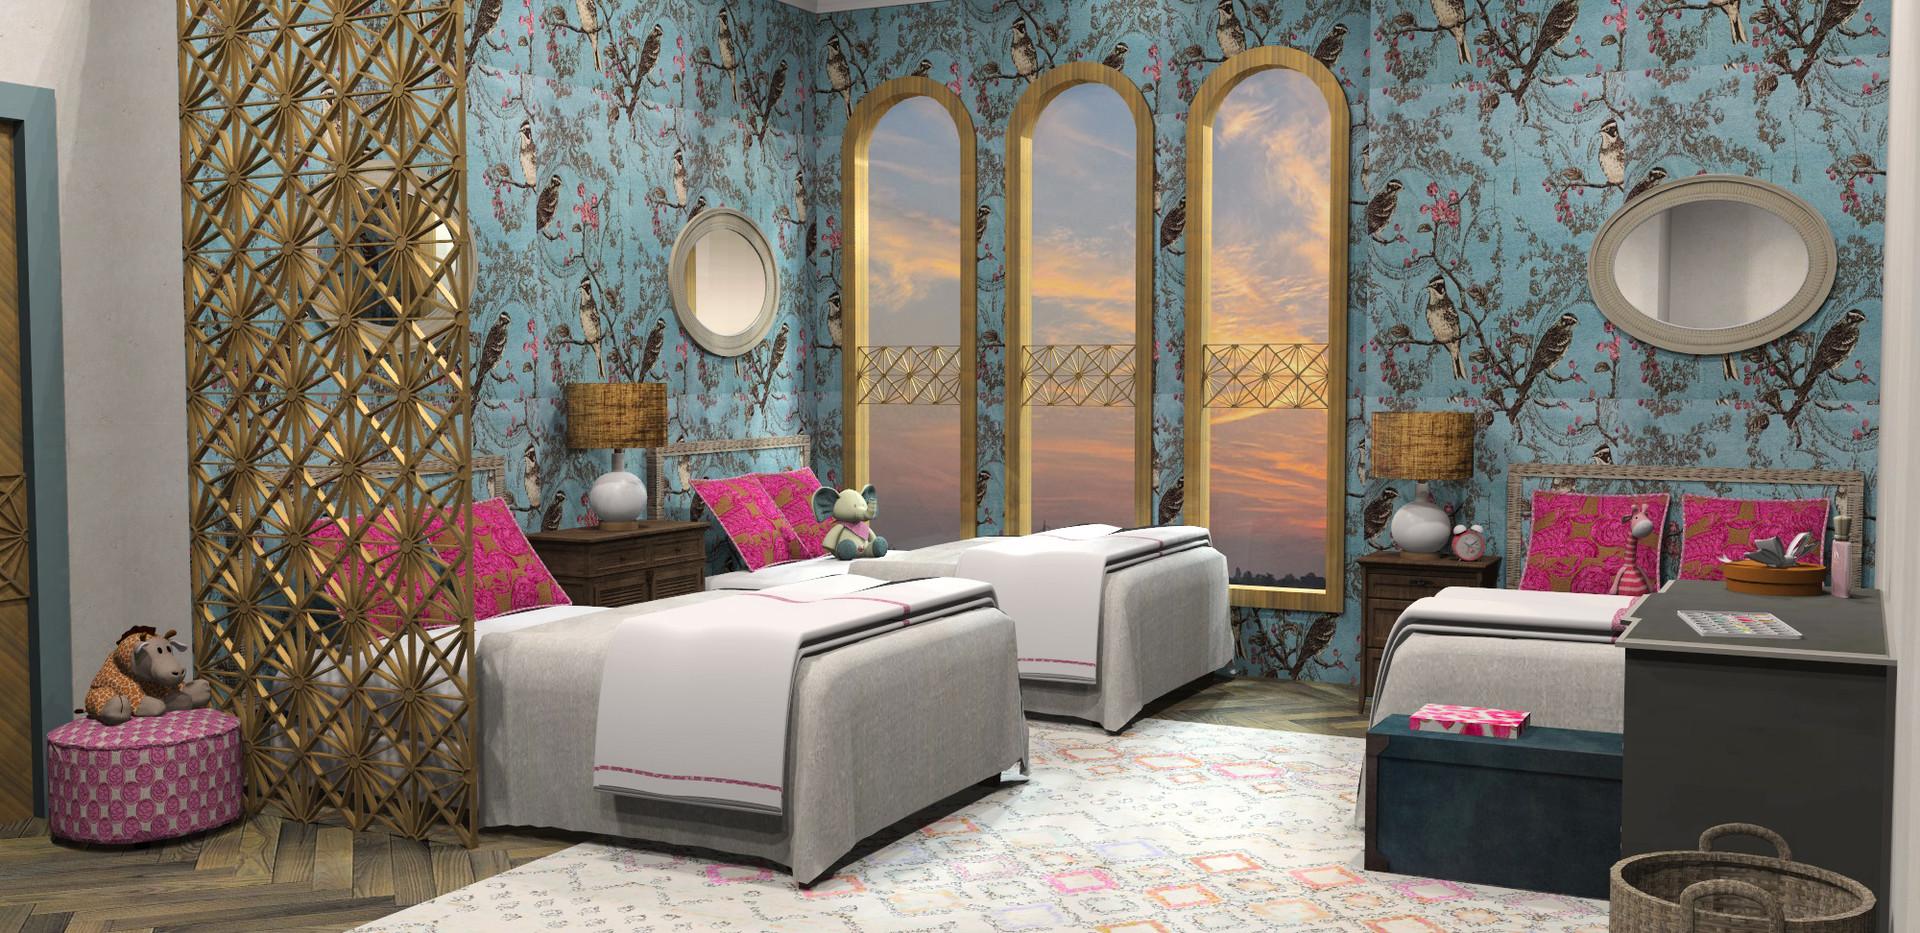 Teen Girls' Bedroom